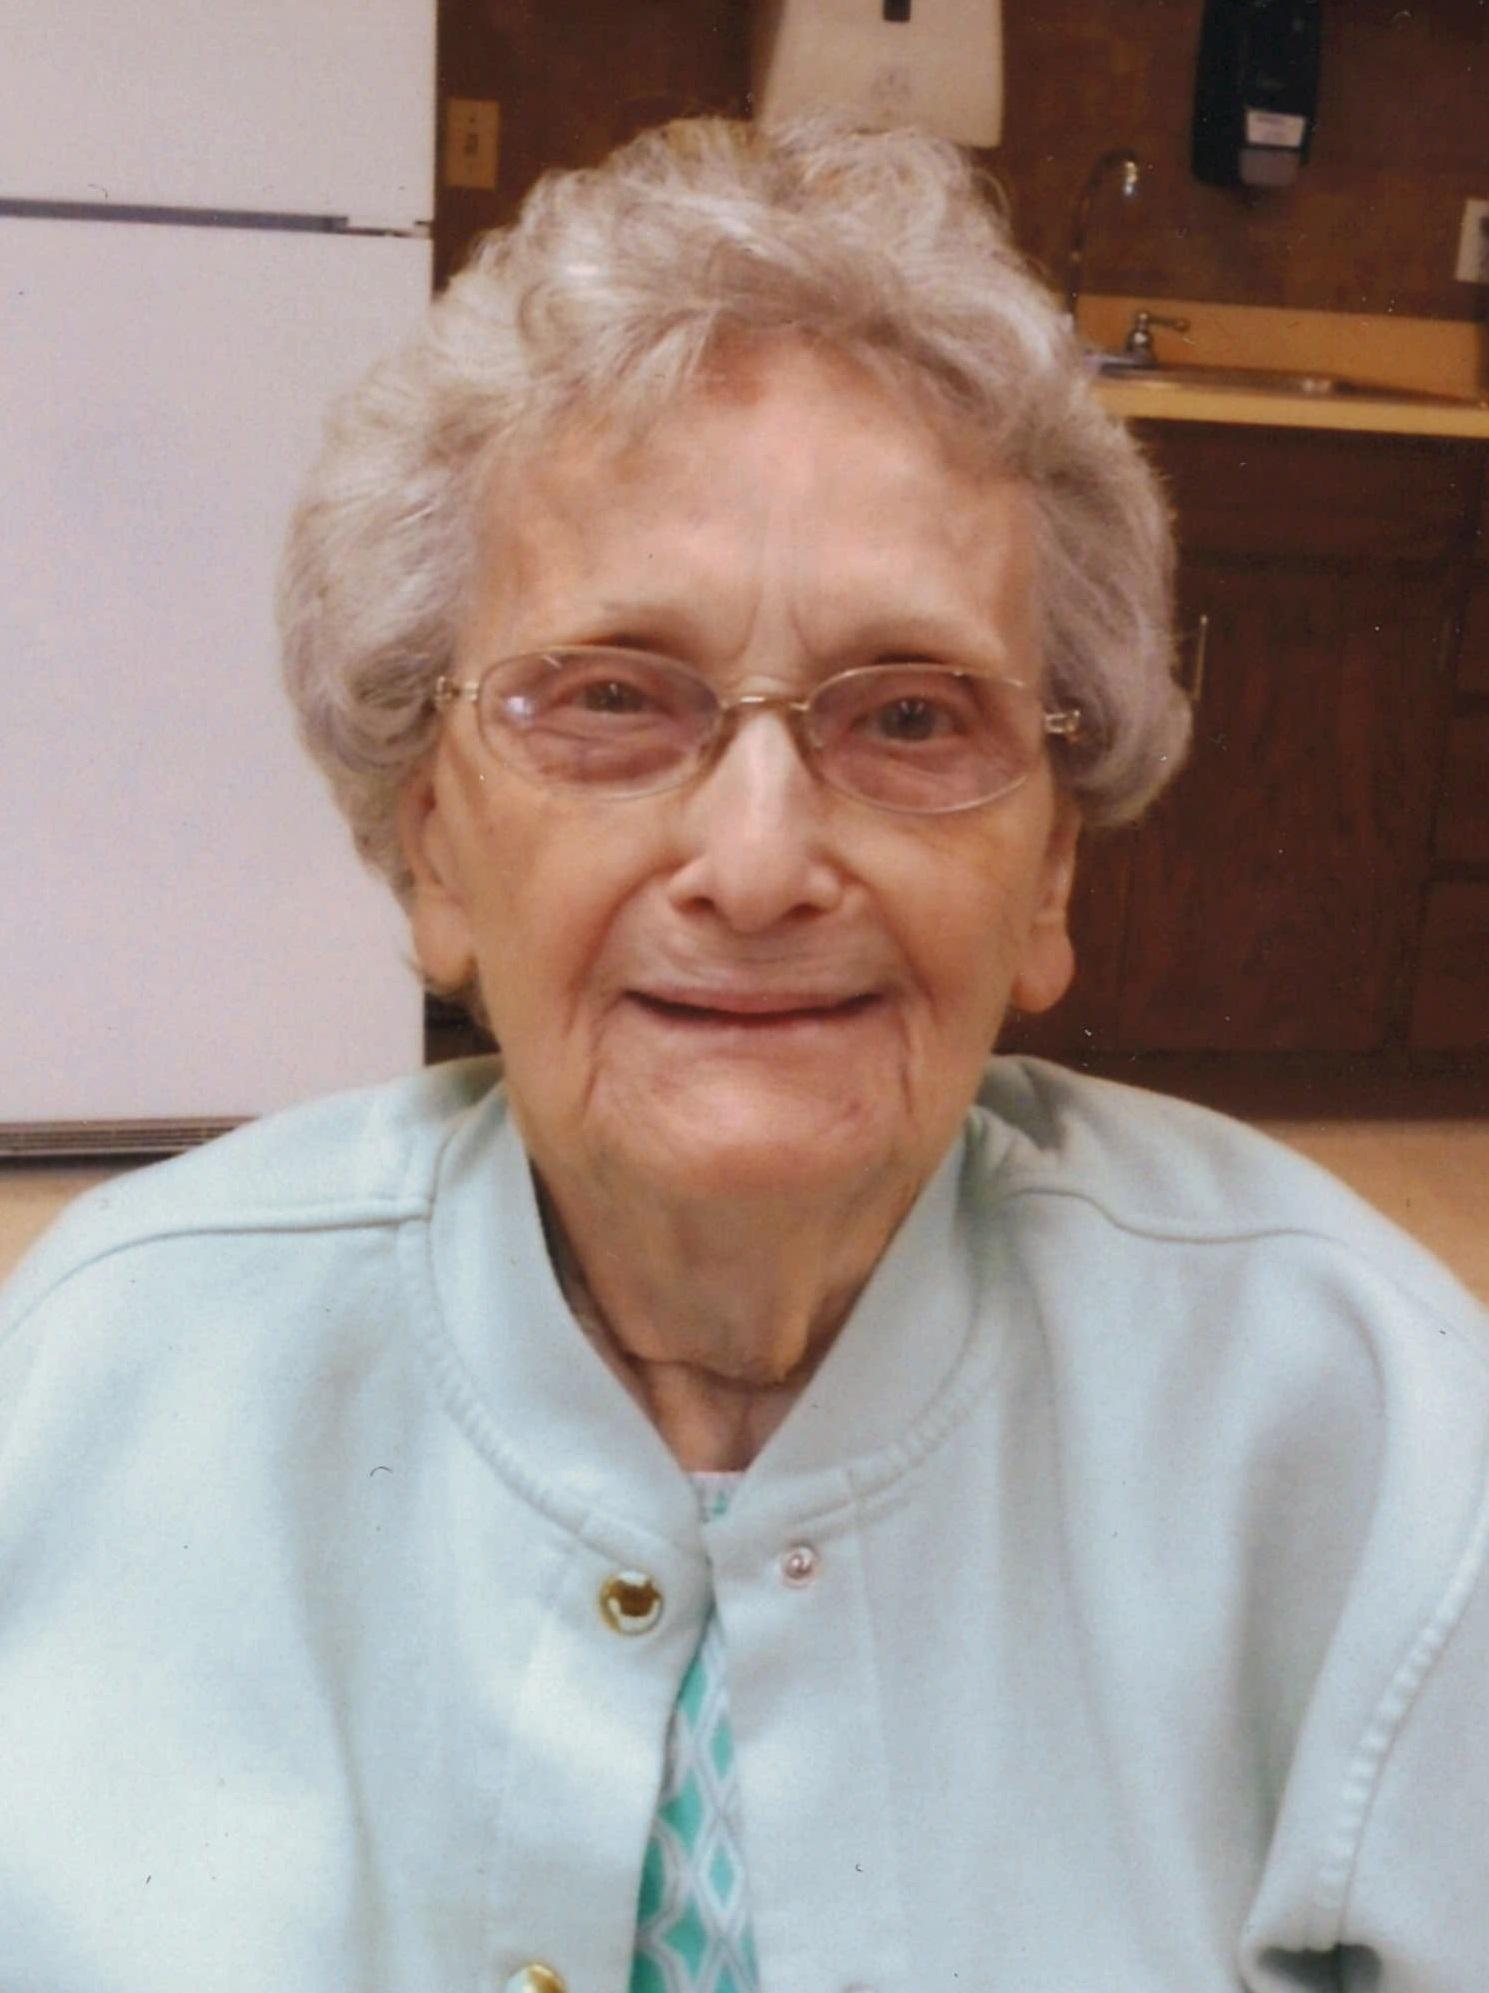 Arlene Hegemann, age 94, formerly of Howells, Nebraska